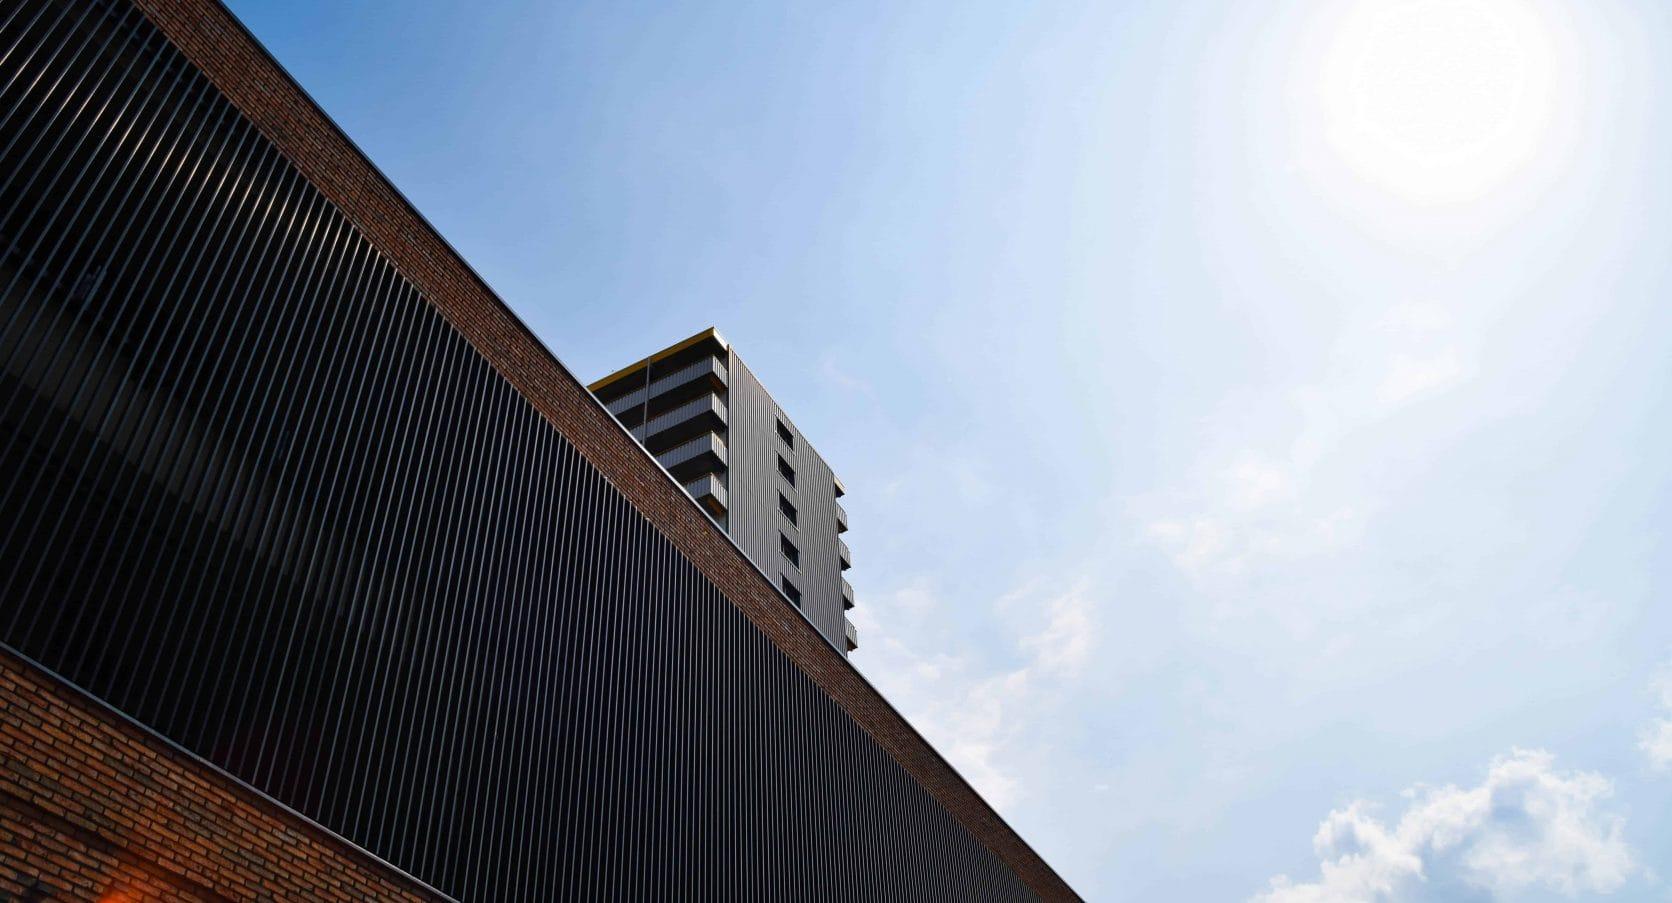 Winkelcentrum De Hoven in Delft voorzien van aluminium lamellen, wat dient als gevelbekleding